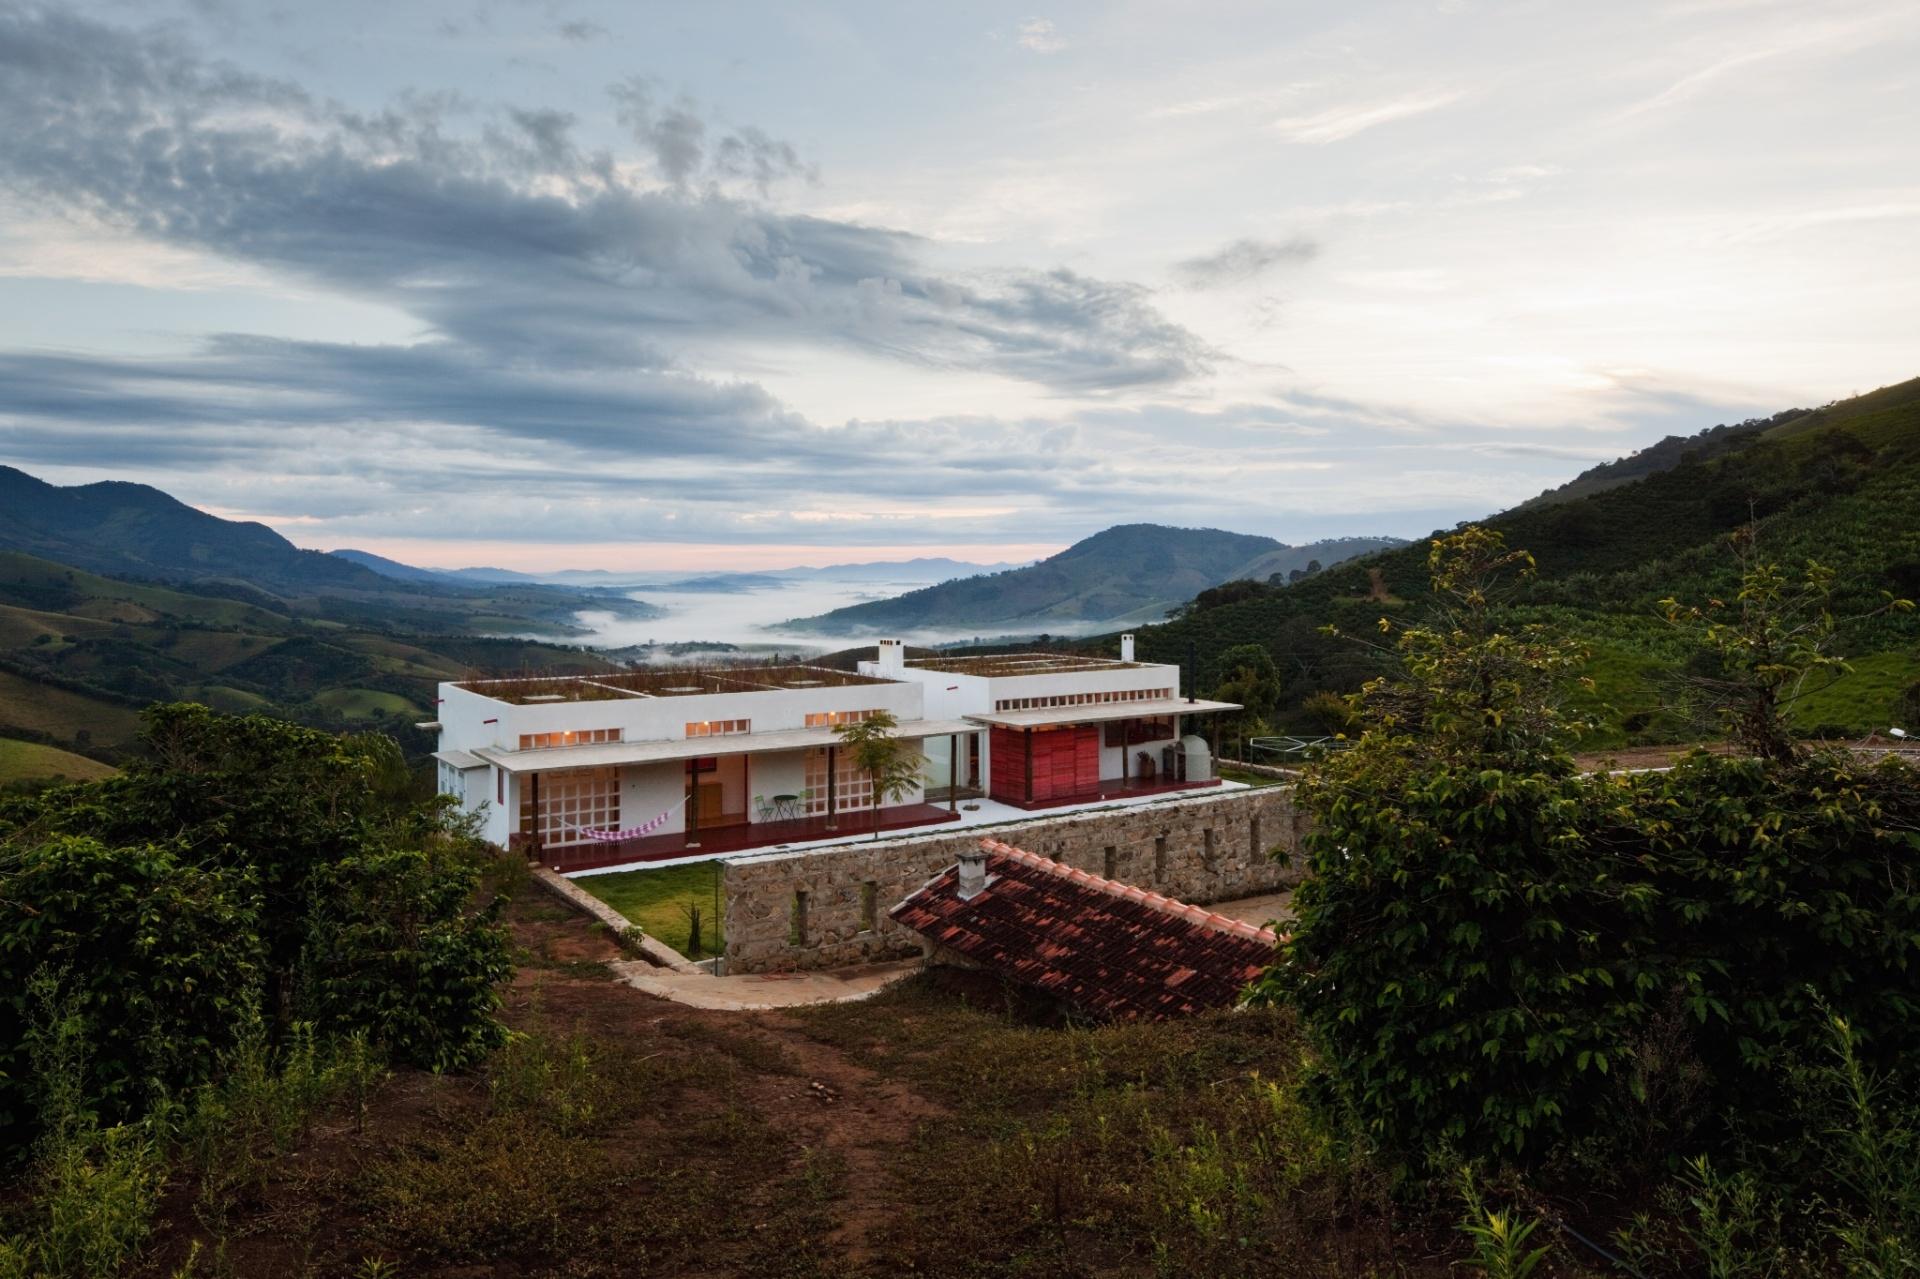 Na casa Dom Viçoso, com projeto do arquiteto Marcelo Ferraz, o espaço da cobertura - com laje plana de concreto e vigamento invertido - recebeu terra e vegetação. O muro de concreto ciclópico com aberturas delimita os espaços da casa-sede e da de hóspedes